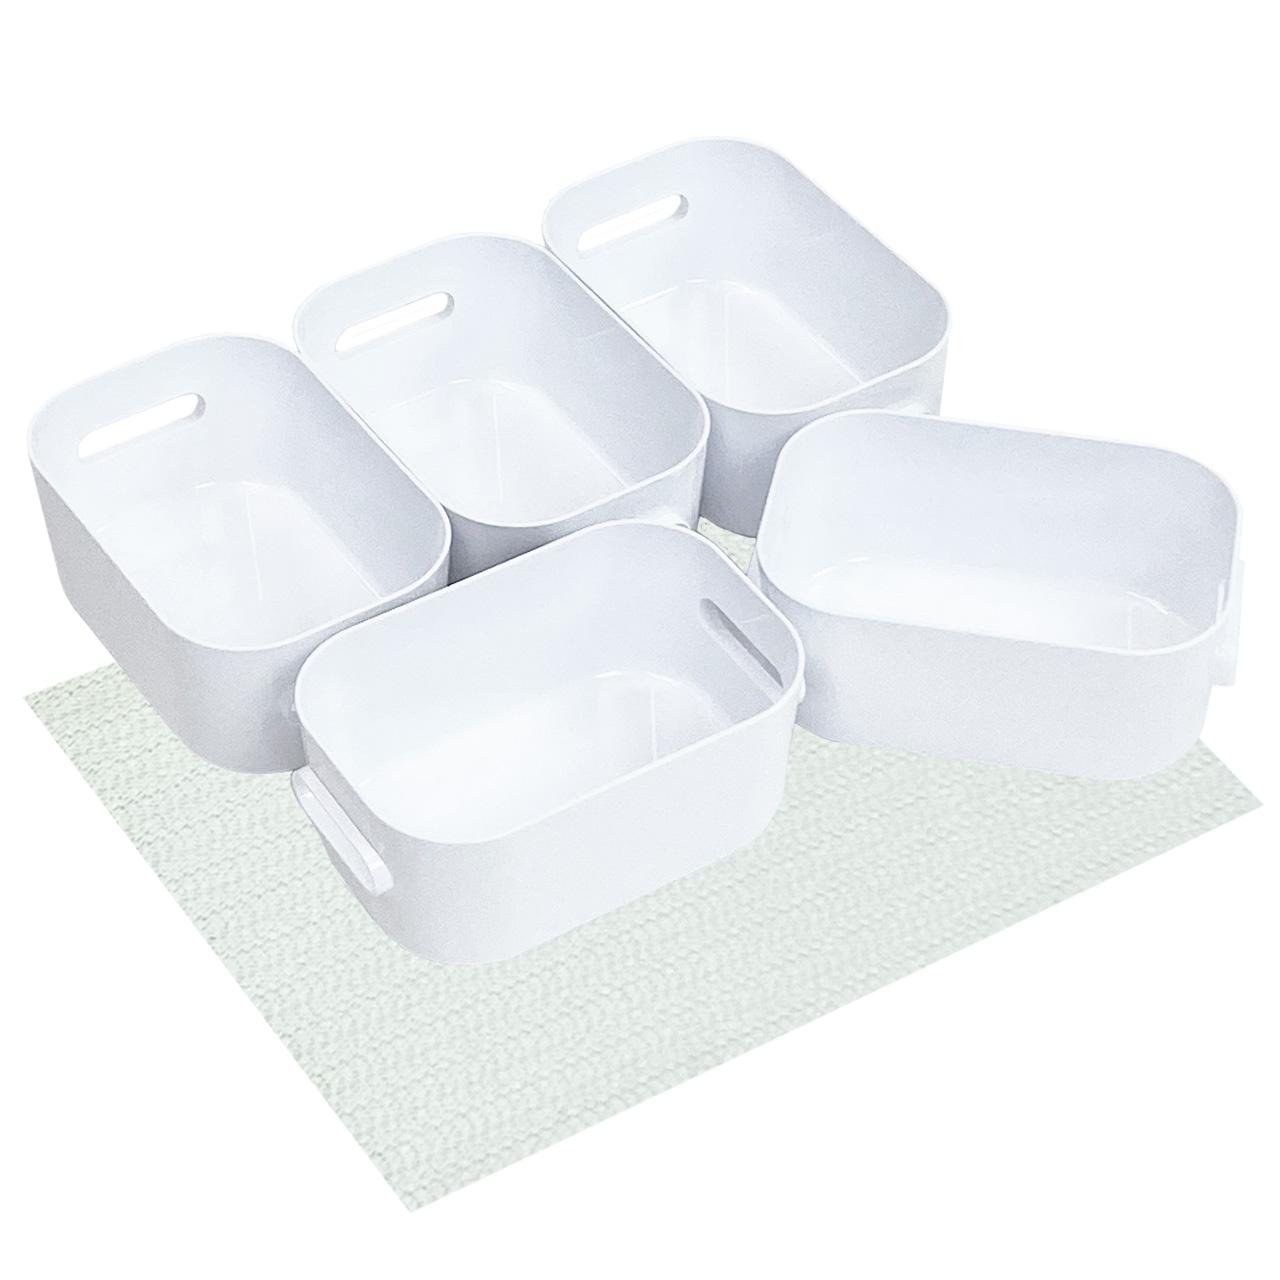 Boxen-Organizer-Set, weiss mit Antirutsch-Unterlage (XS-Boxen-5er-Set)